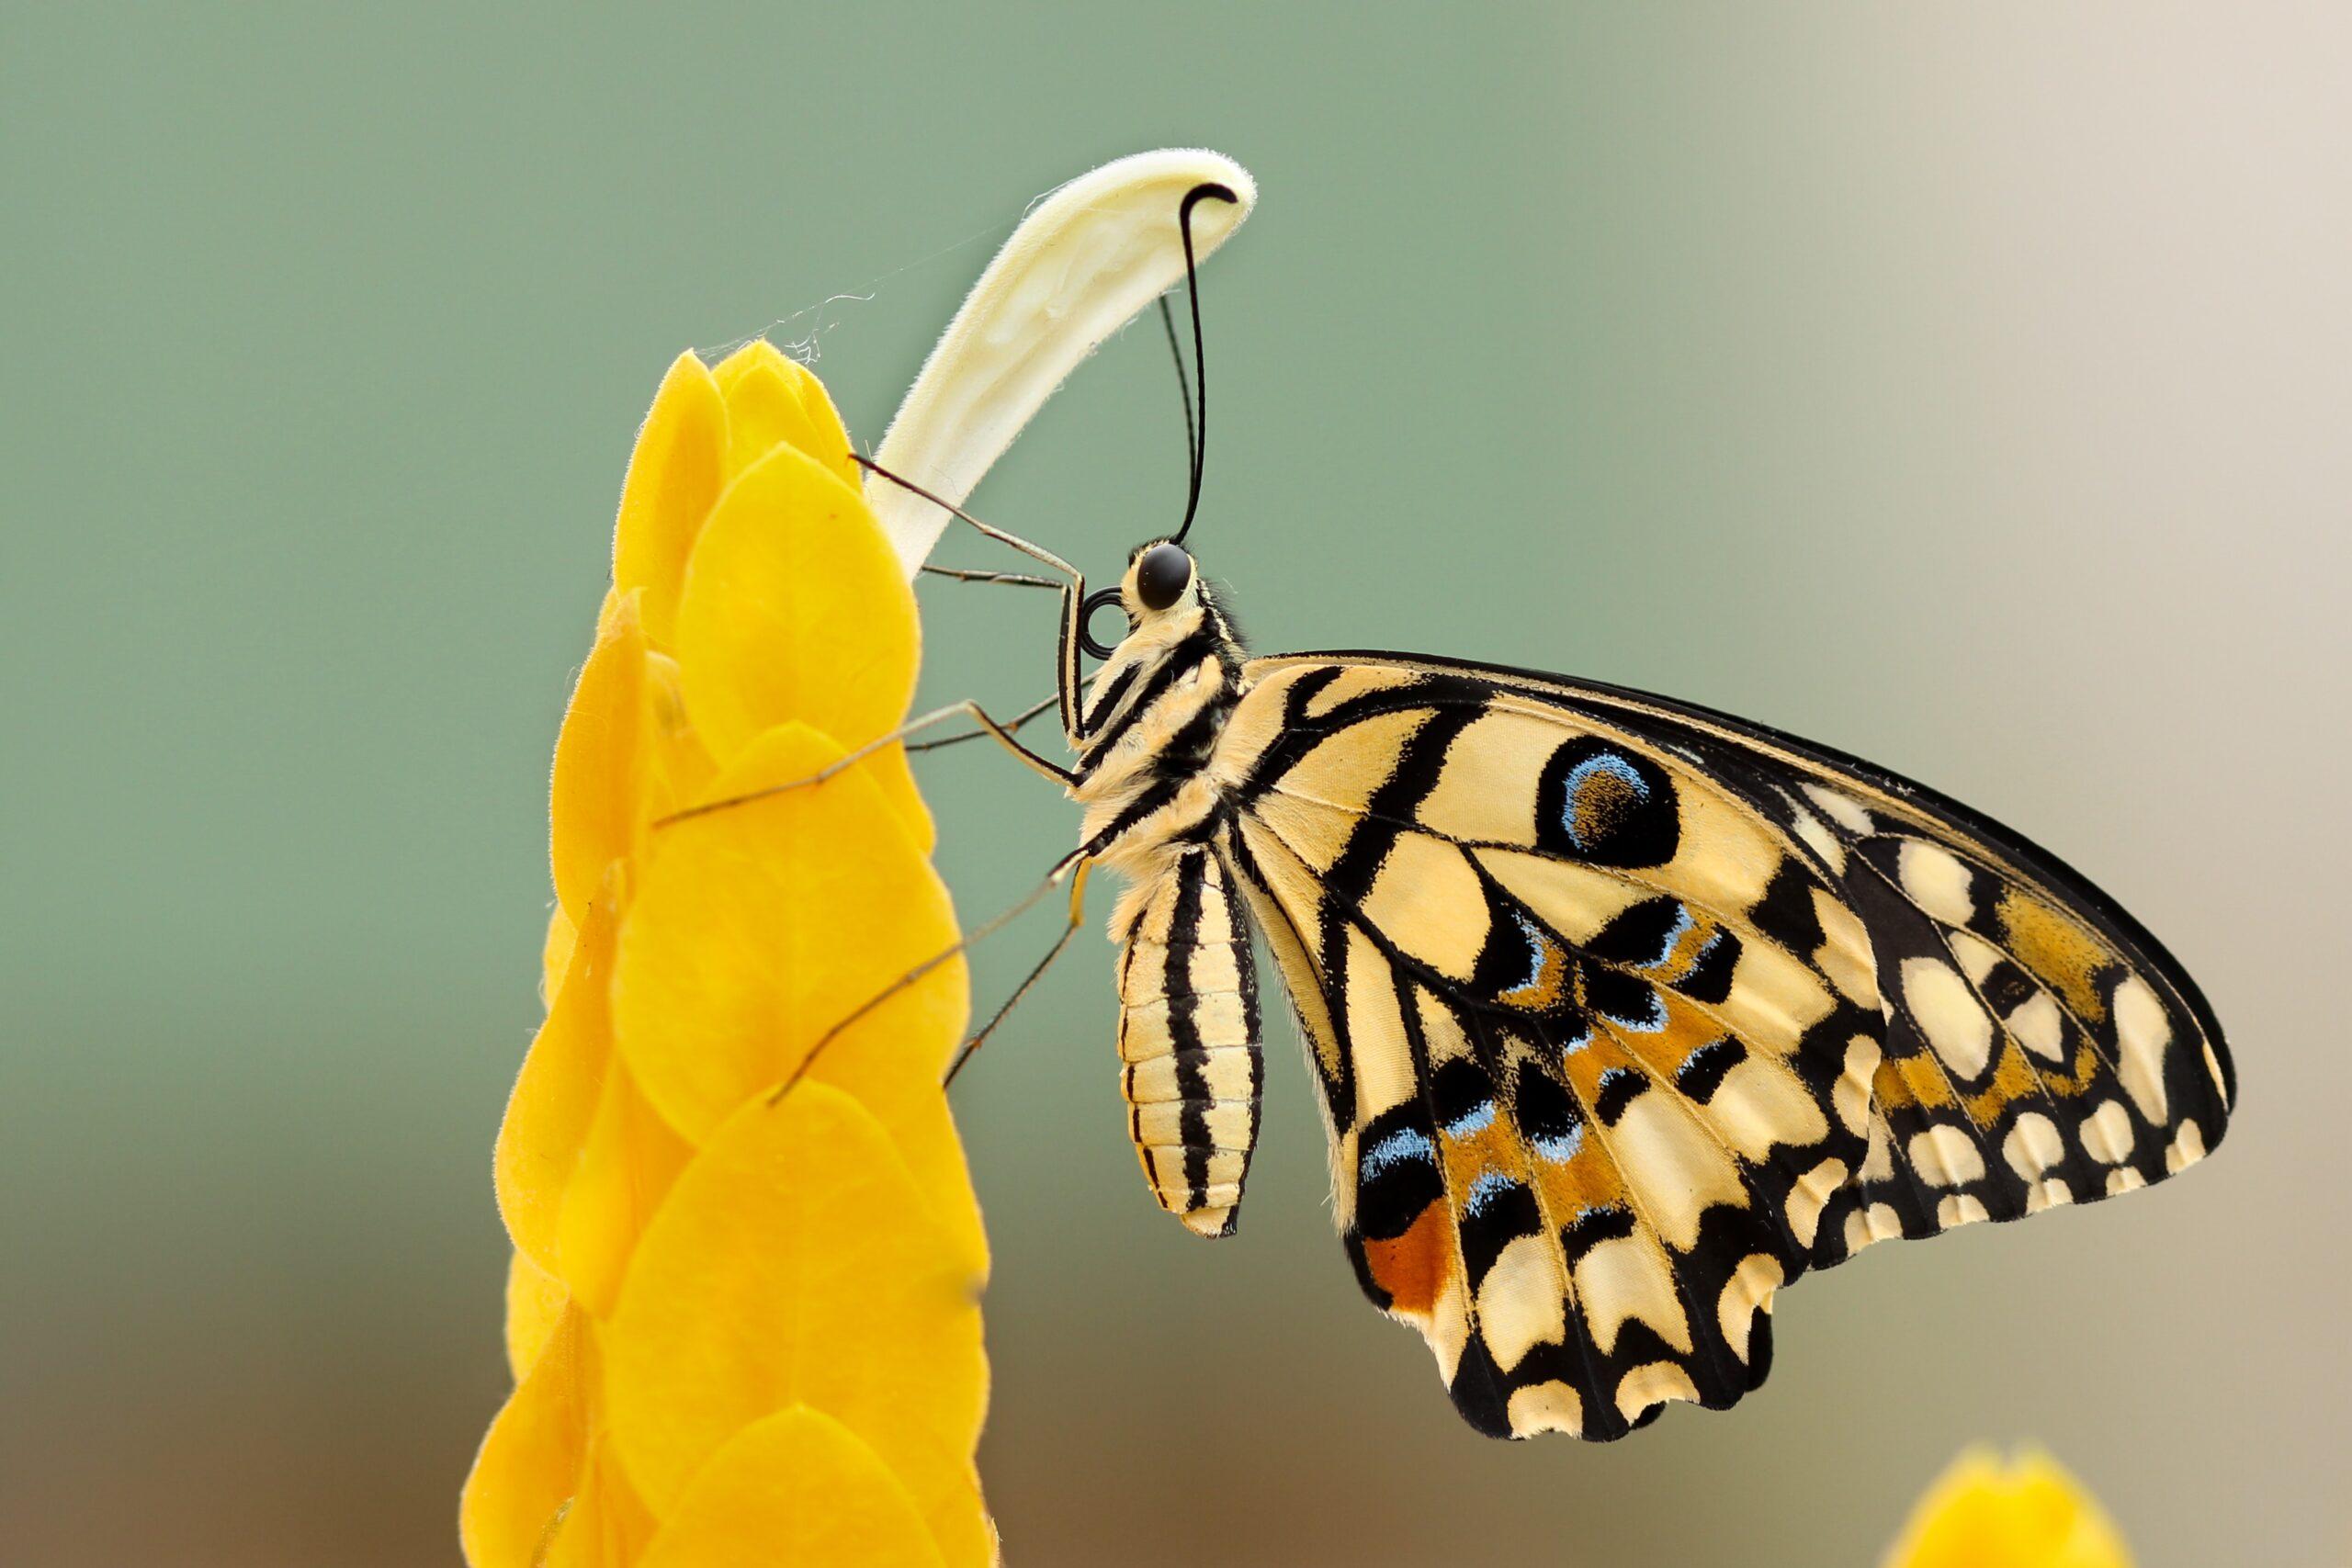 Monarch on yellow bud flower by boris smokrovic